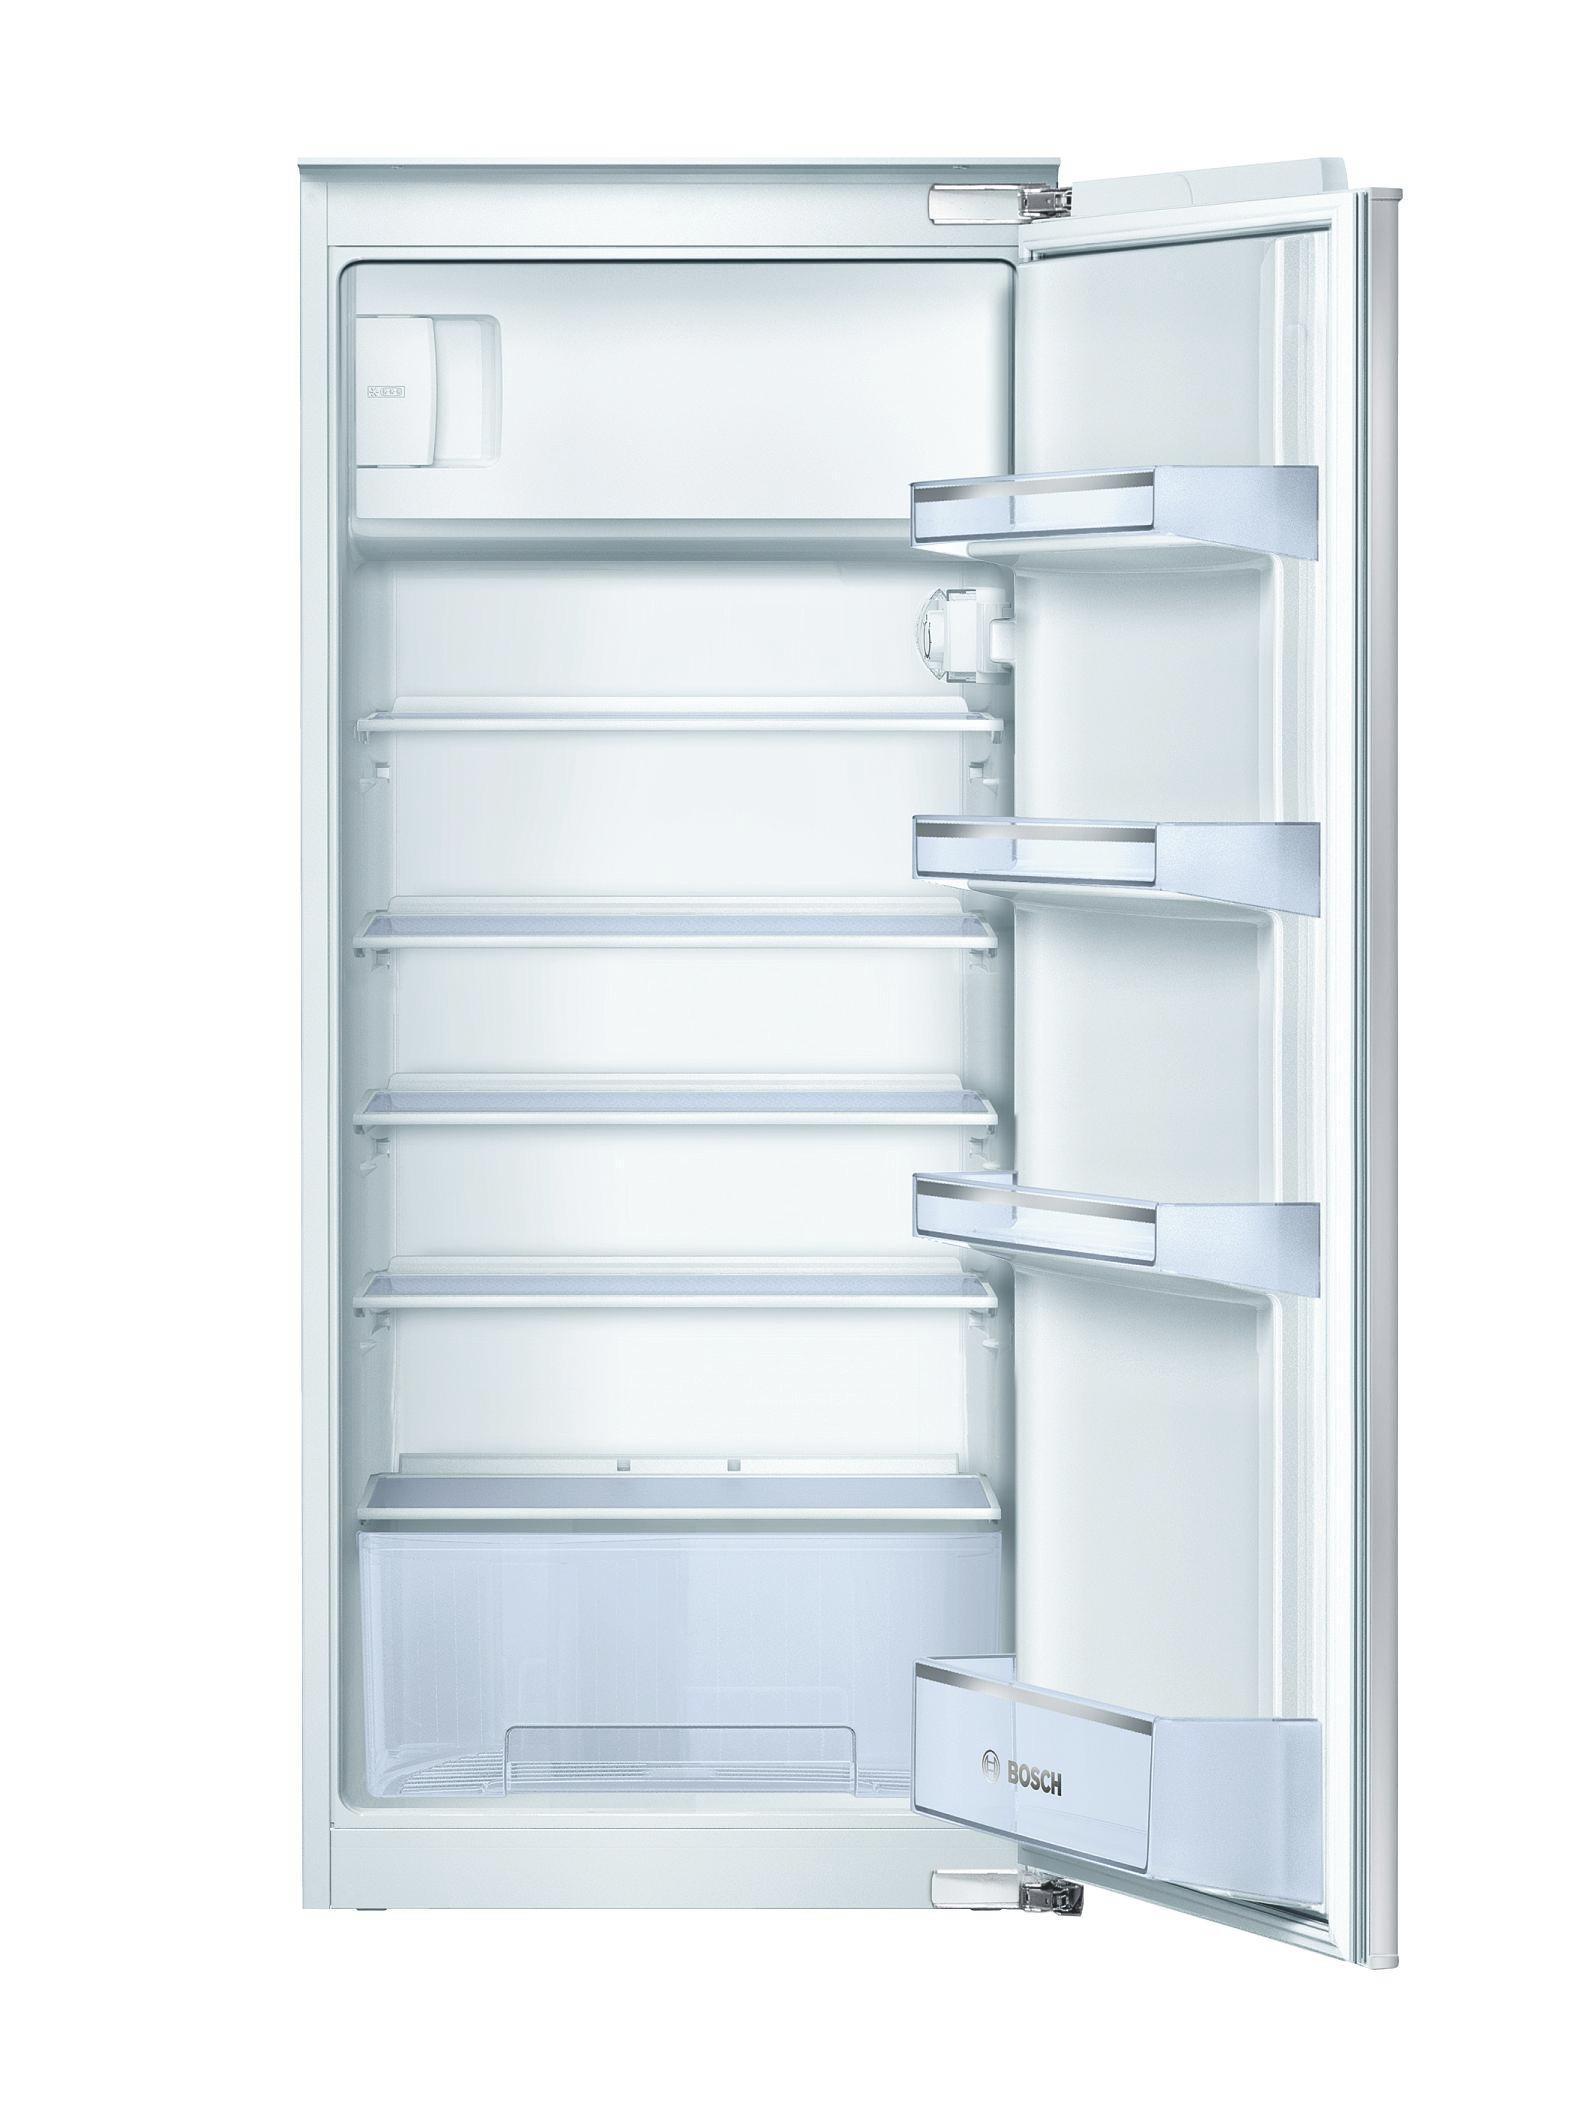 Kühlschrank Bosch Kil24v60, EEZ A++ - MODERN (54,1/122,1/54,2cm) - BOSCH